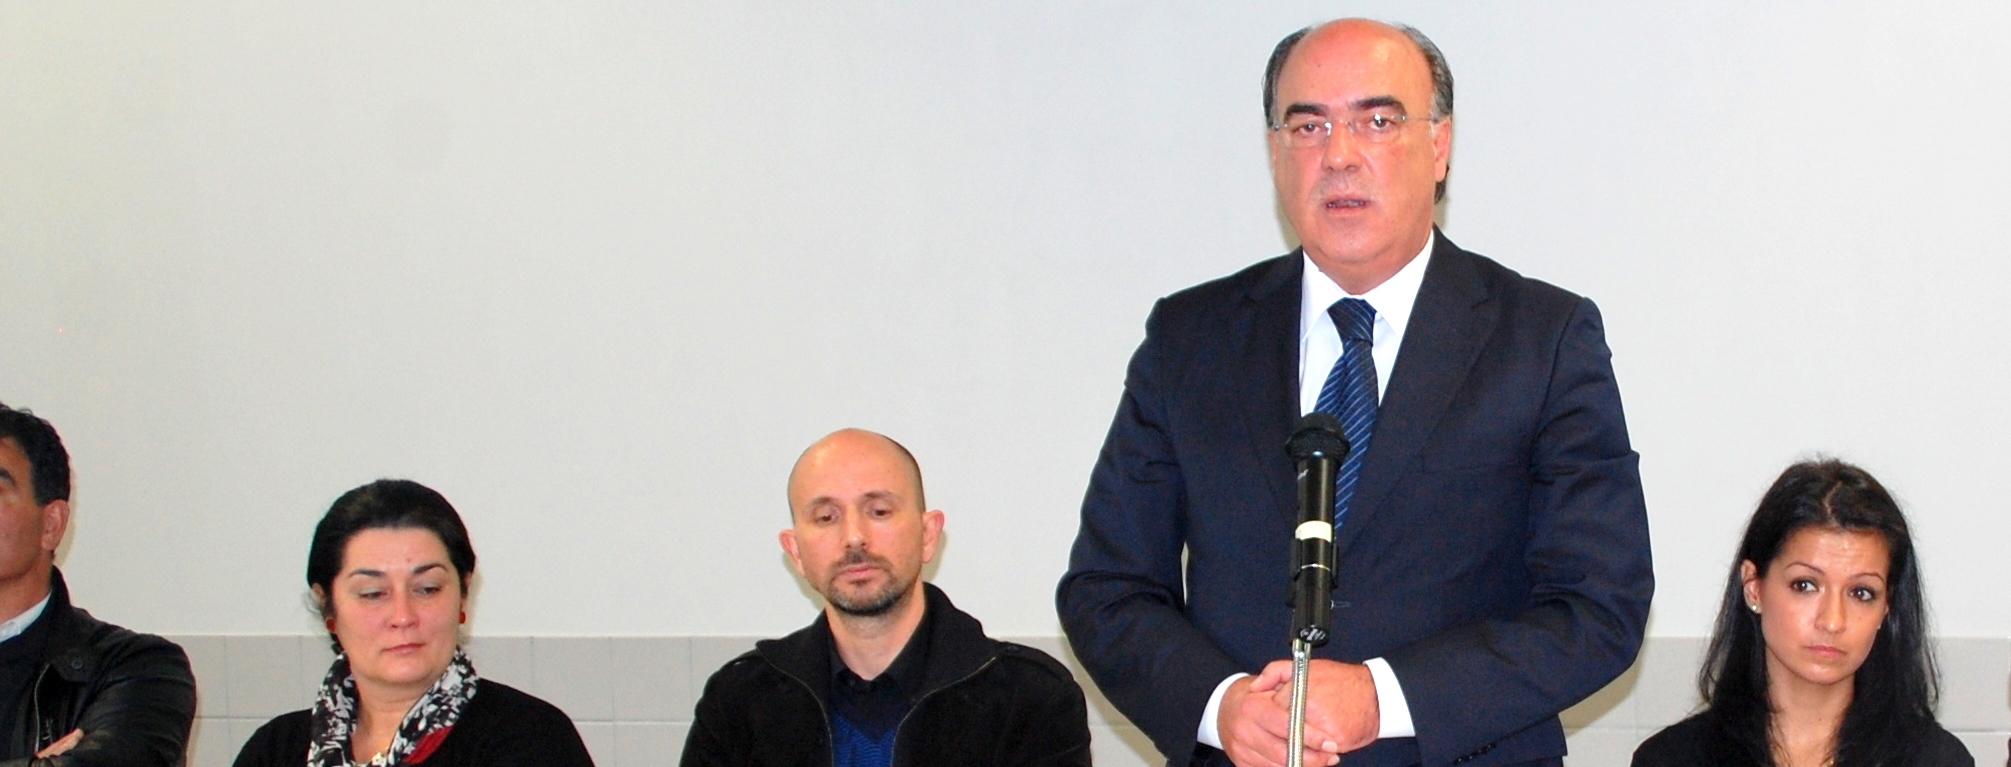 Presidente da Câmara no lançamento de projeto de promoção da investigação na Escola Secundária de Barcelos